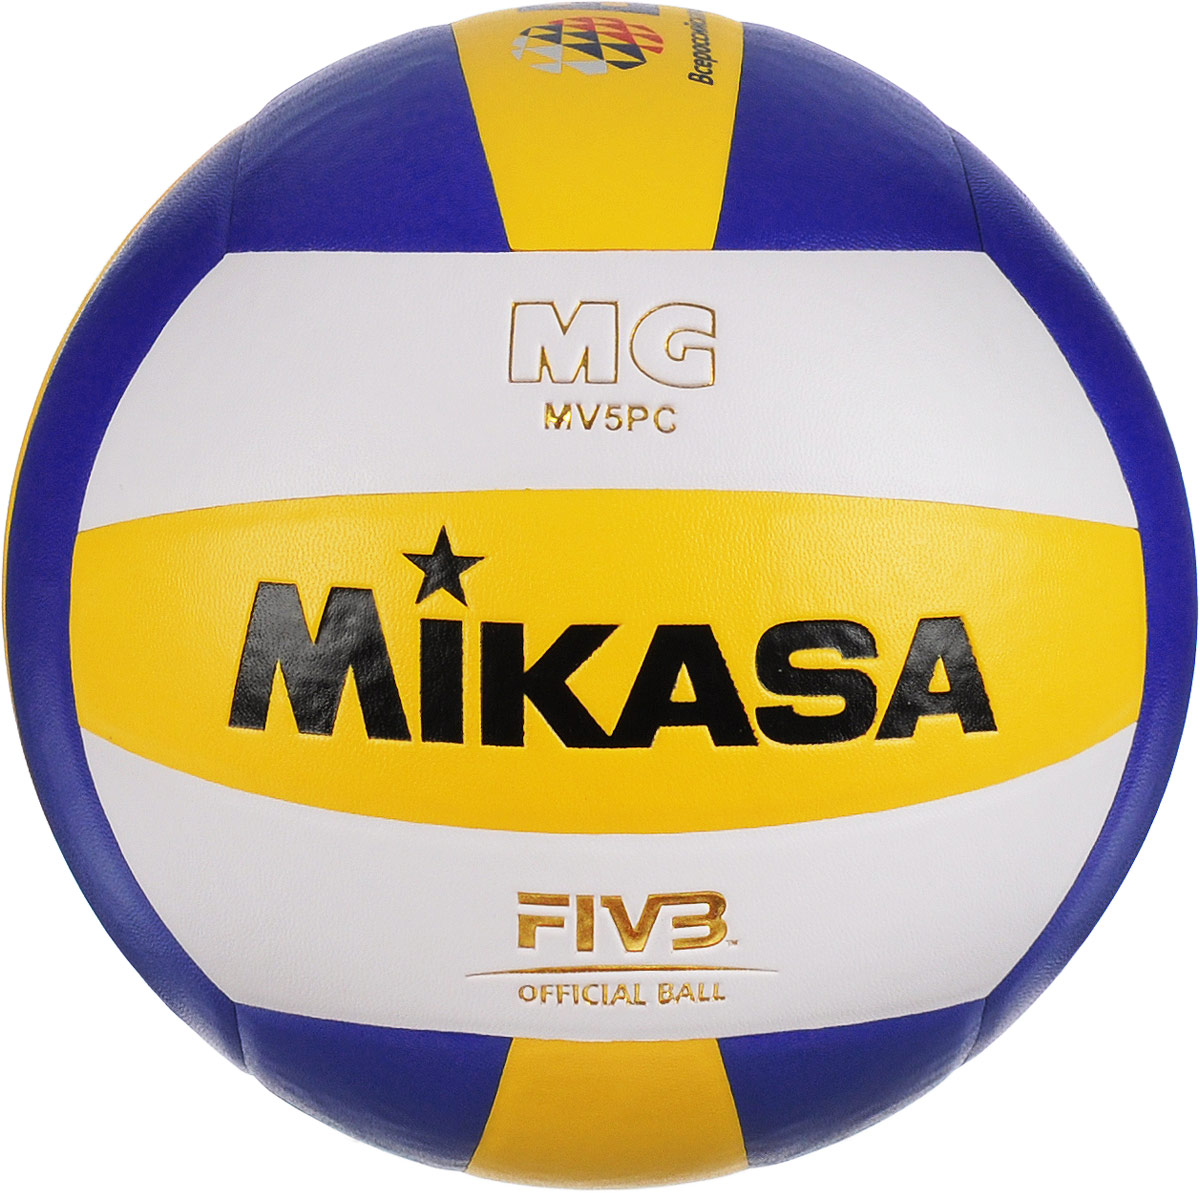 Мяч волейбольный Mikasa MV 5 PC. Размер 5120330_white/redОблегченный мяч Mikasa MV 5 PC предназначен для игр и тренировок команд разных уровней. Изделие выполнено из синтетической кожи. Камера изготовлена из бутила. УВАЖЕМЫЕ КЛИЕНТЫ!Обращаем ваше внимание на тот факт, что мяч поставляется в сдутом виде. Насос в комплект не входит.